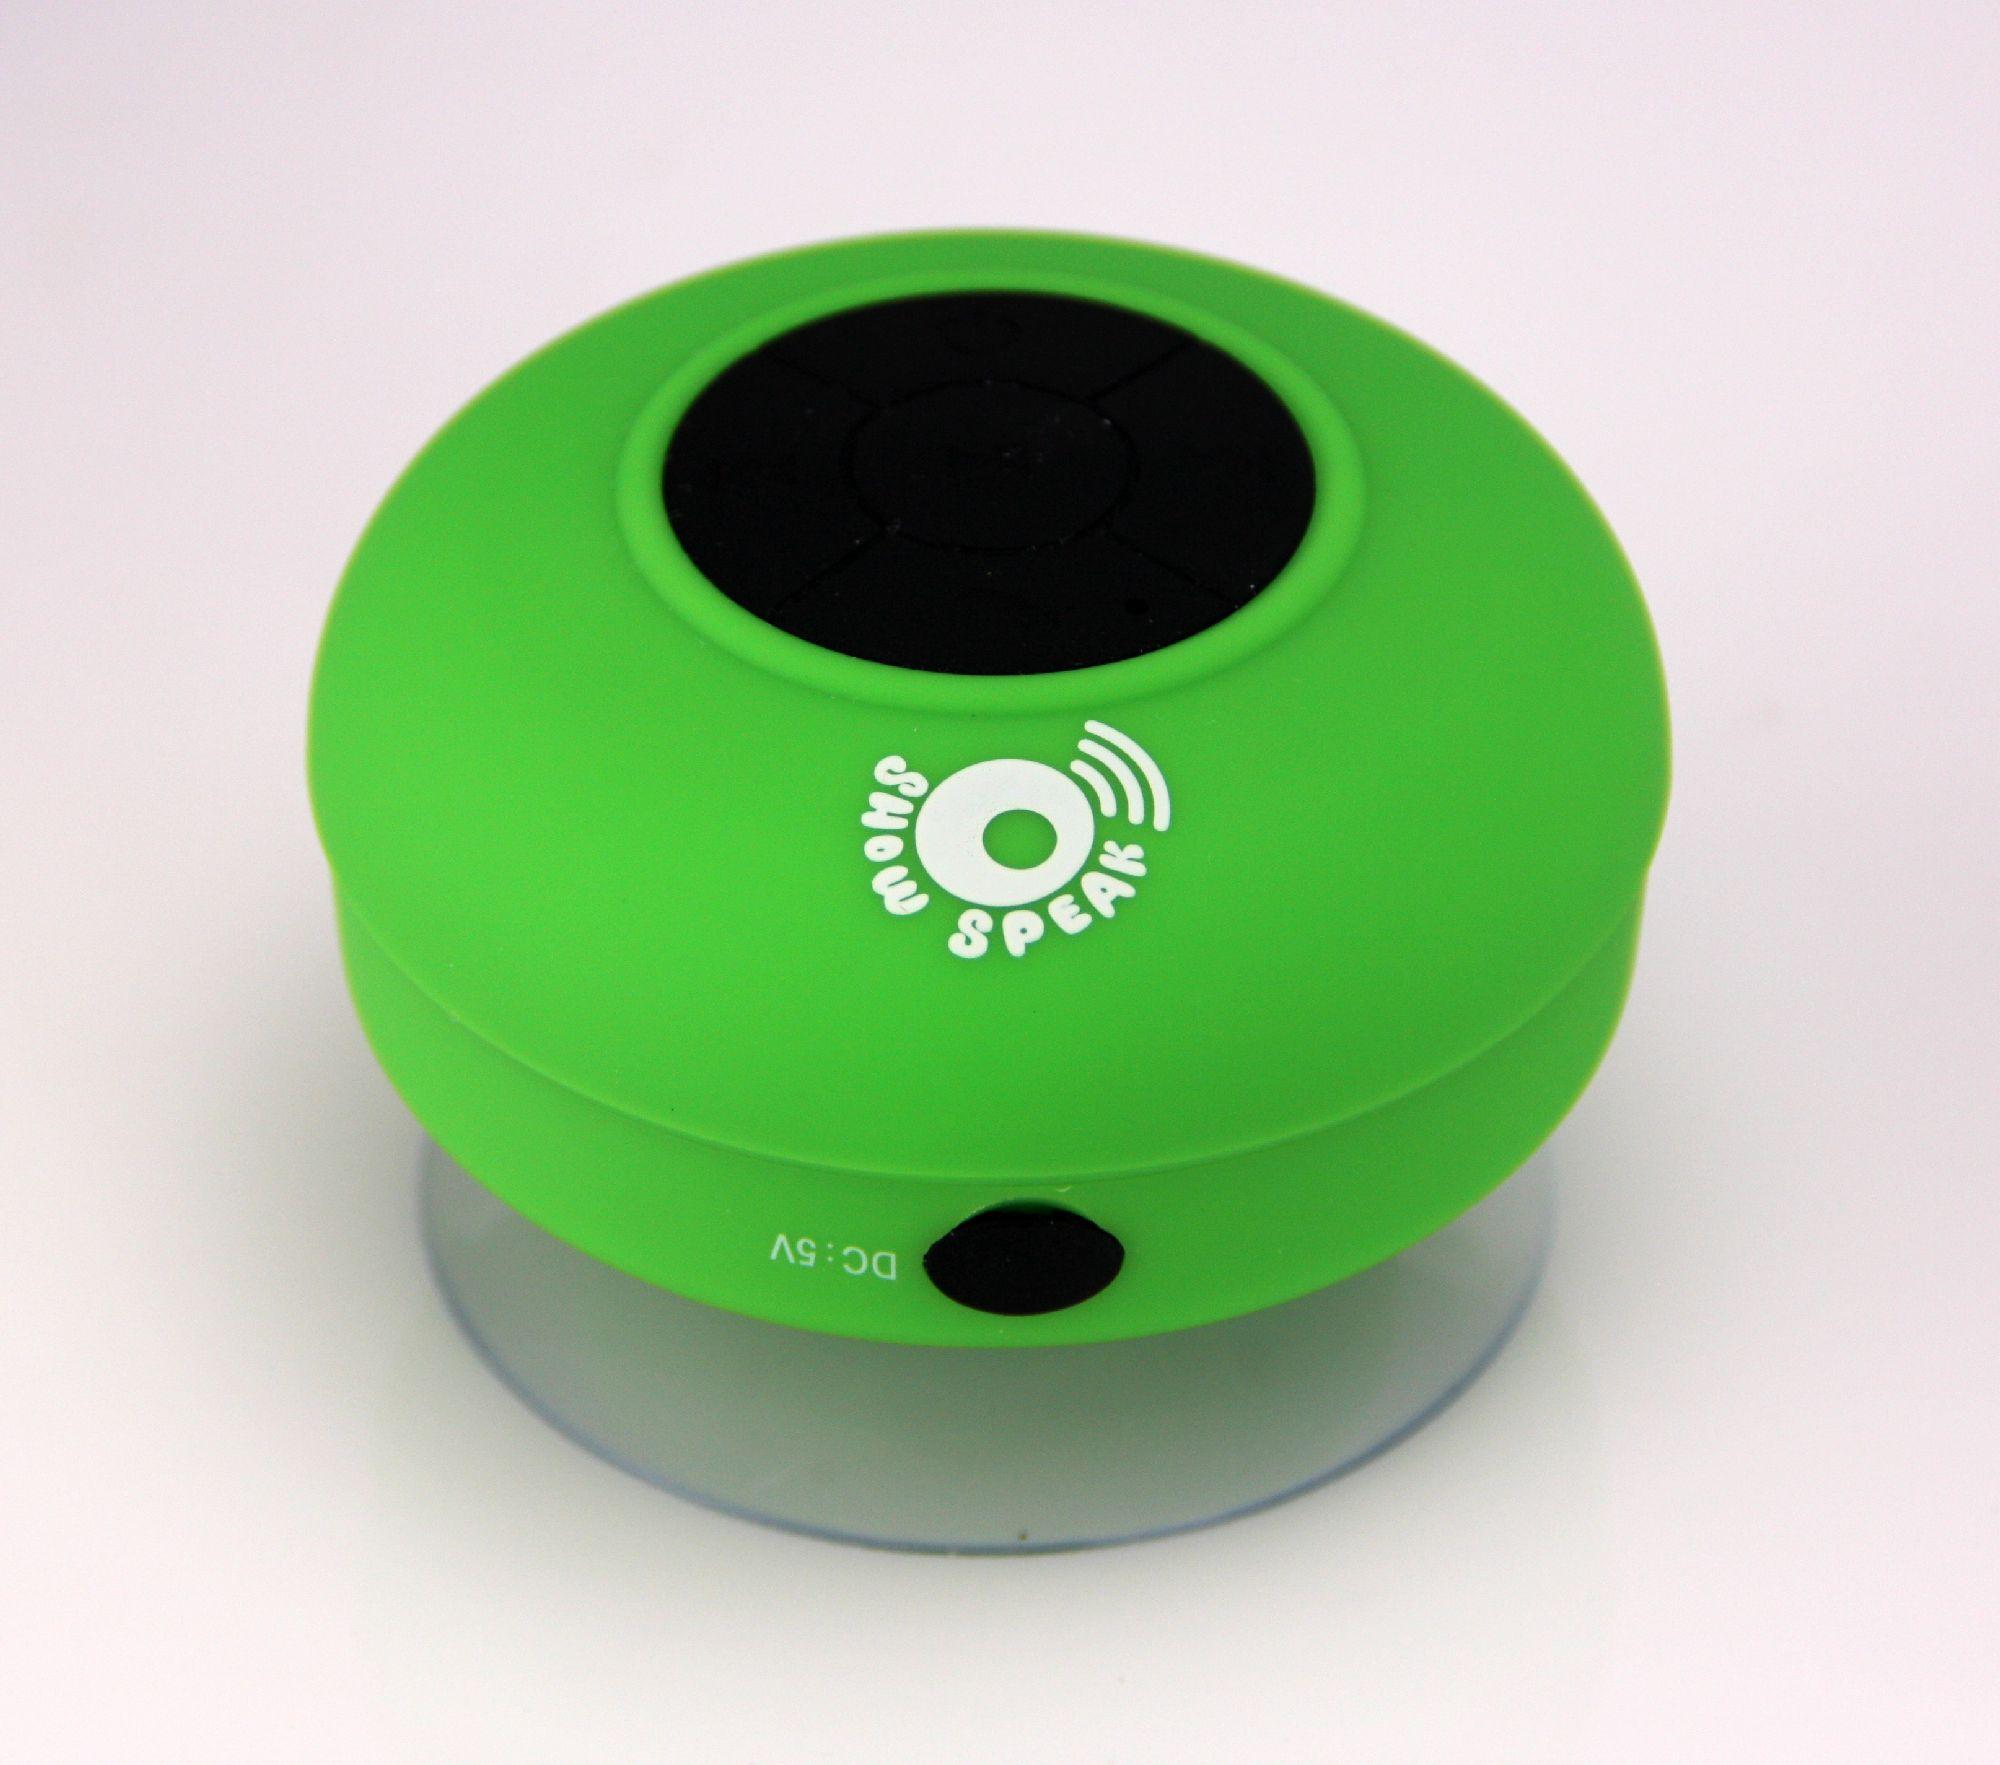 Enceinte Waterproof Bluetooth Show Speak (pad noir)